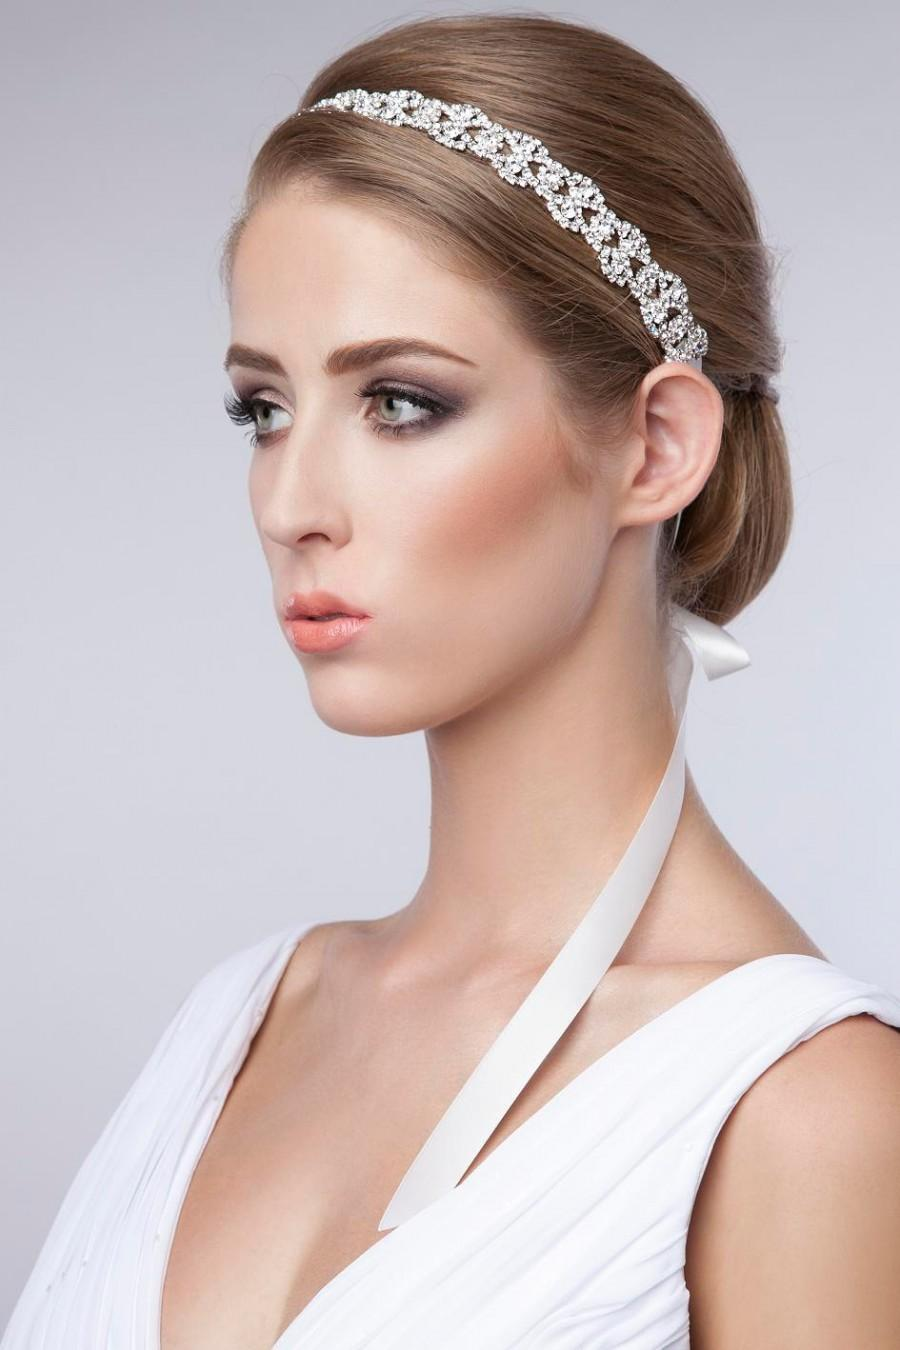 rhinestone headband bridal wedding headband crystal headband wedding halo bridal tie on ribbon headband headpiece 1920s flapper headband